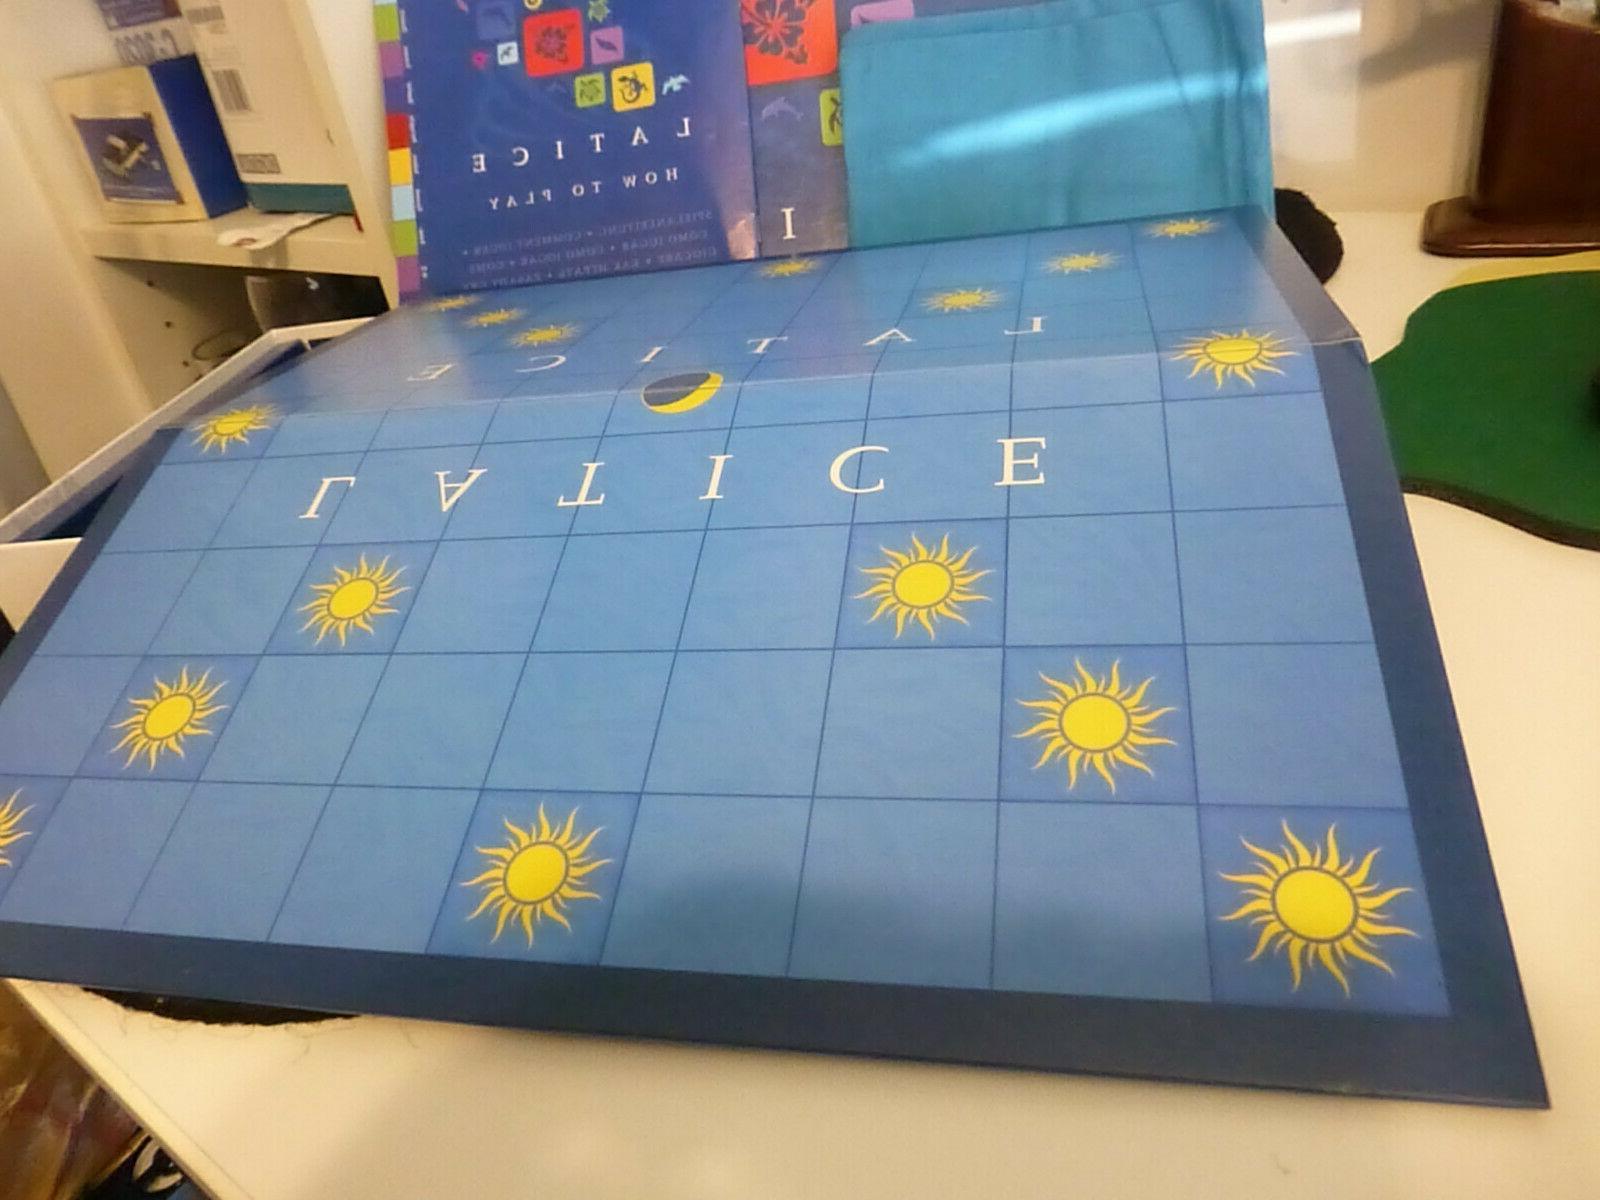 Latice Game Deluxe Edition Strategy Adacio Rare NEVER